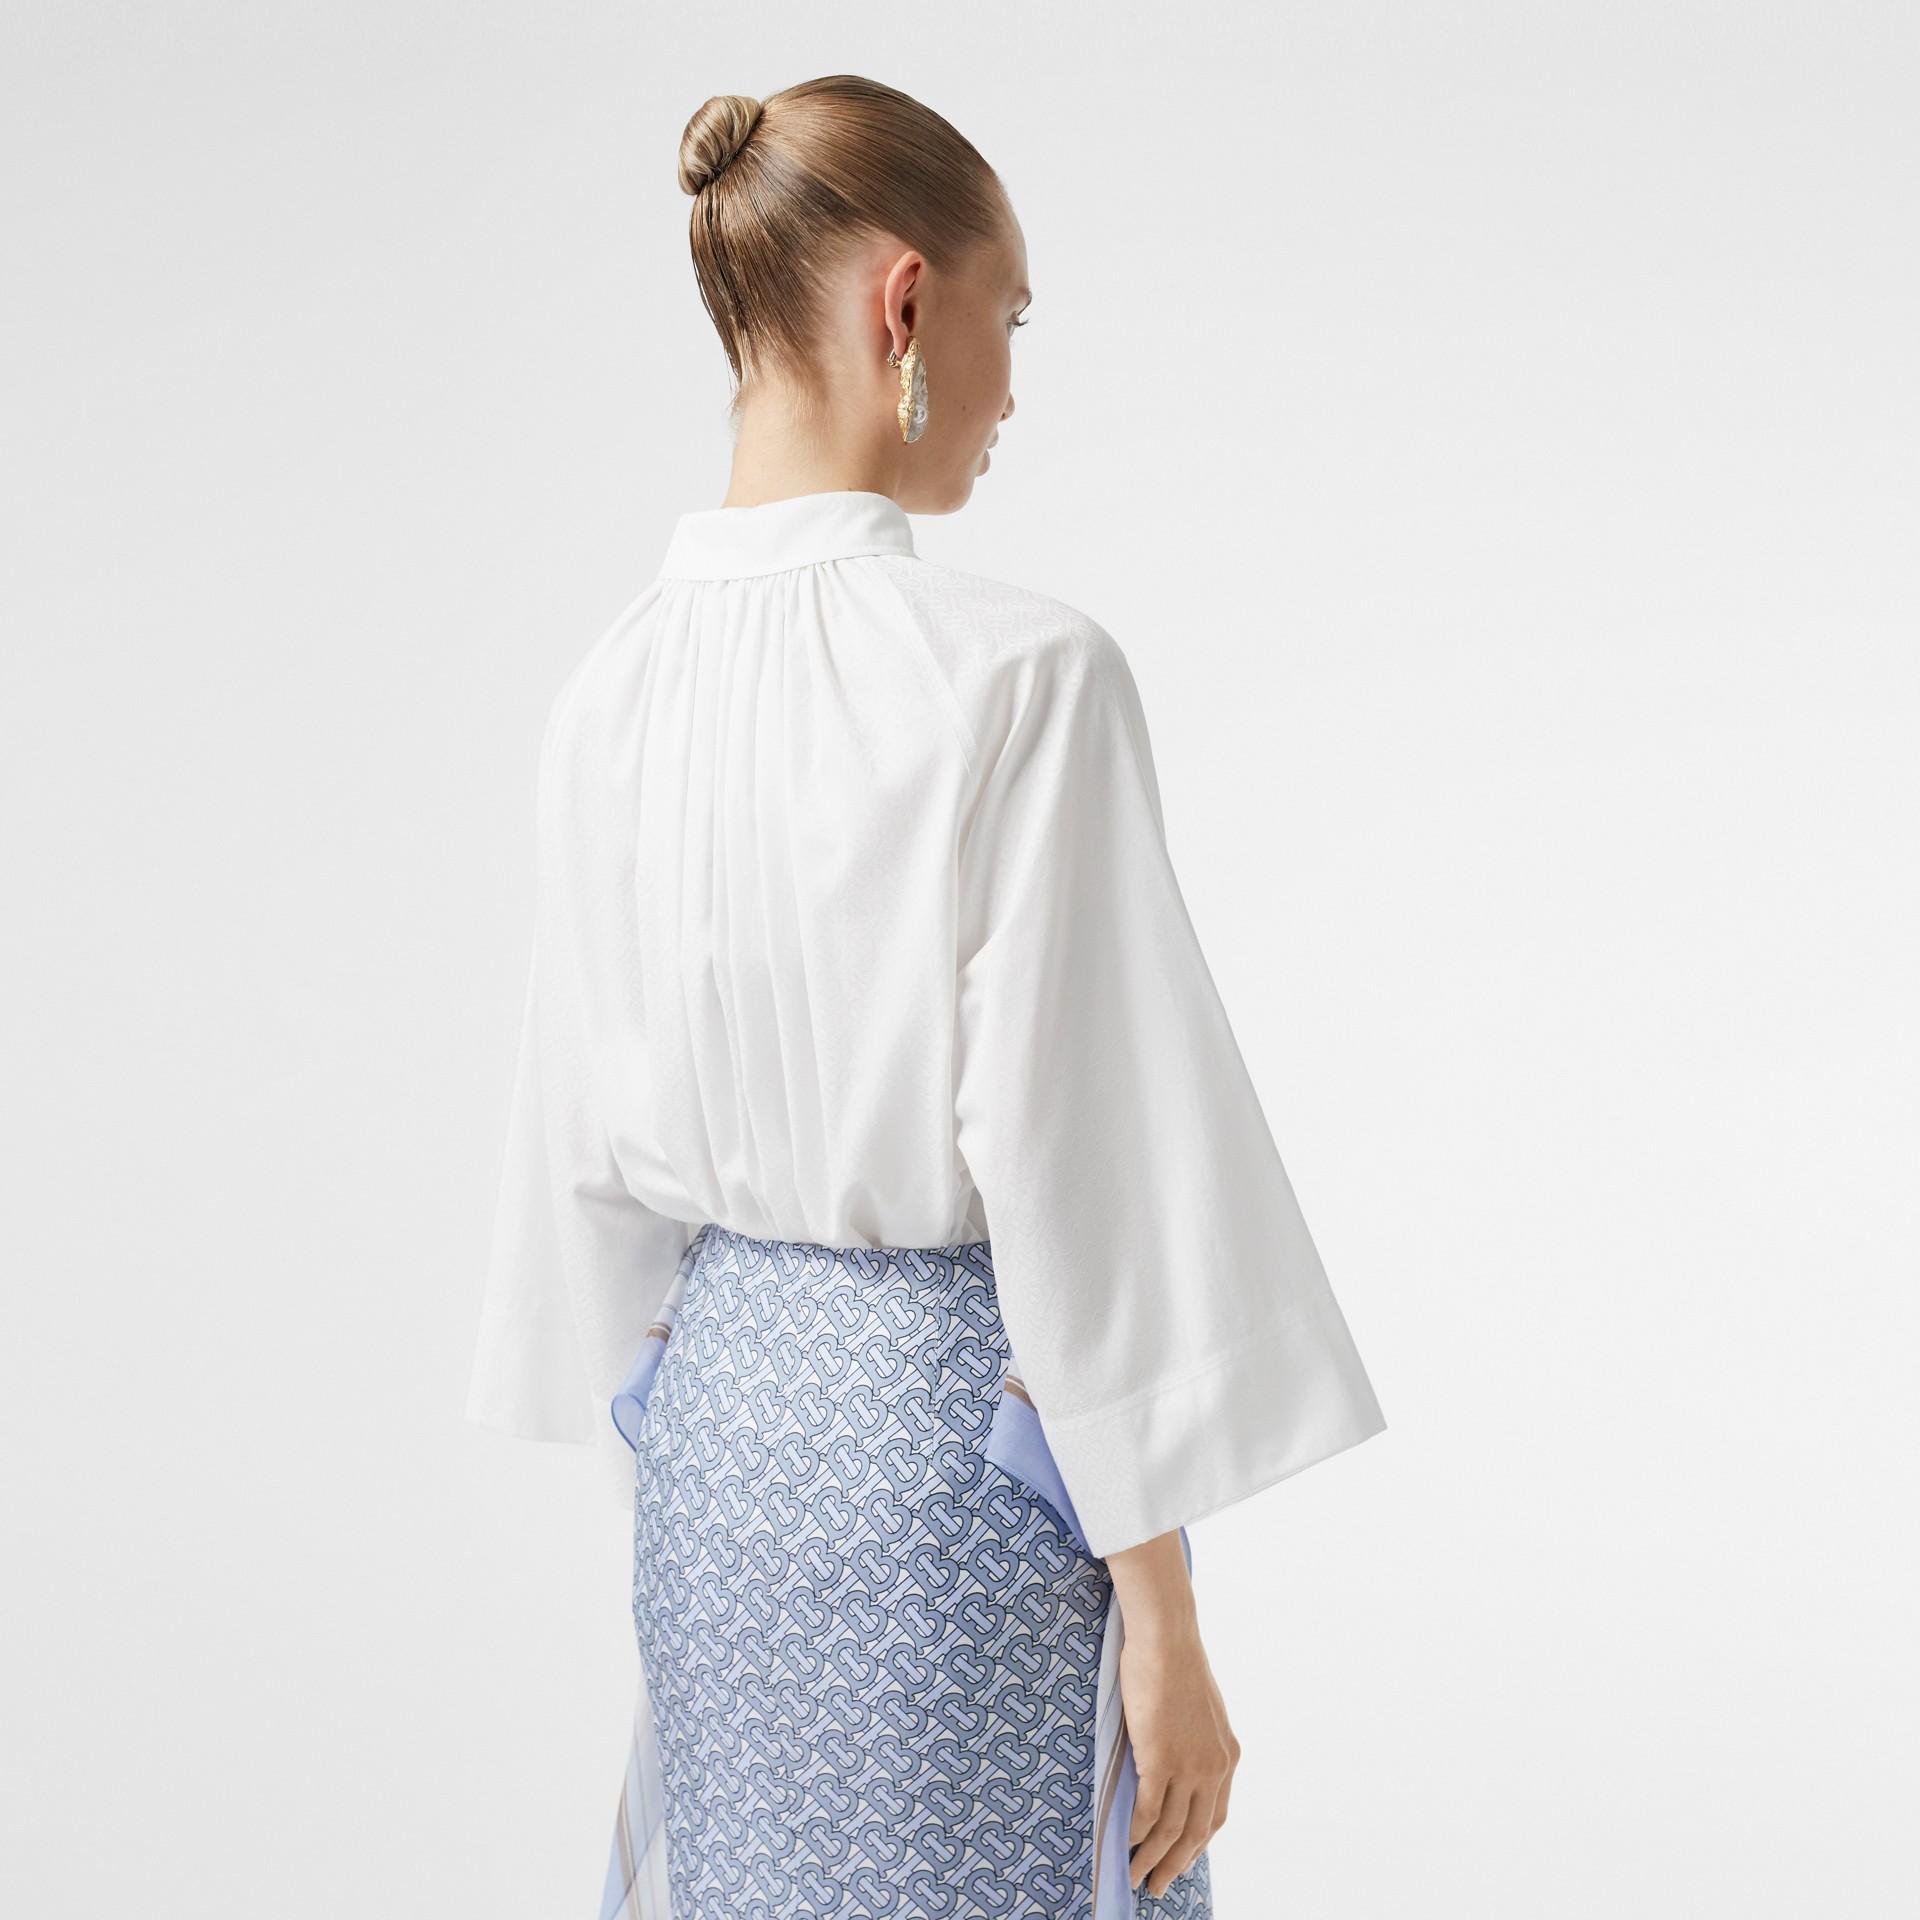 モノグラムコットン ジャカード オーバーサイズシャツ (オプティックホワイト) - ウィメンズ | バーバリー - ギャラリーイメージ 2